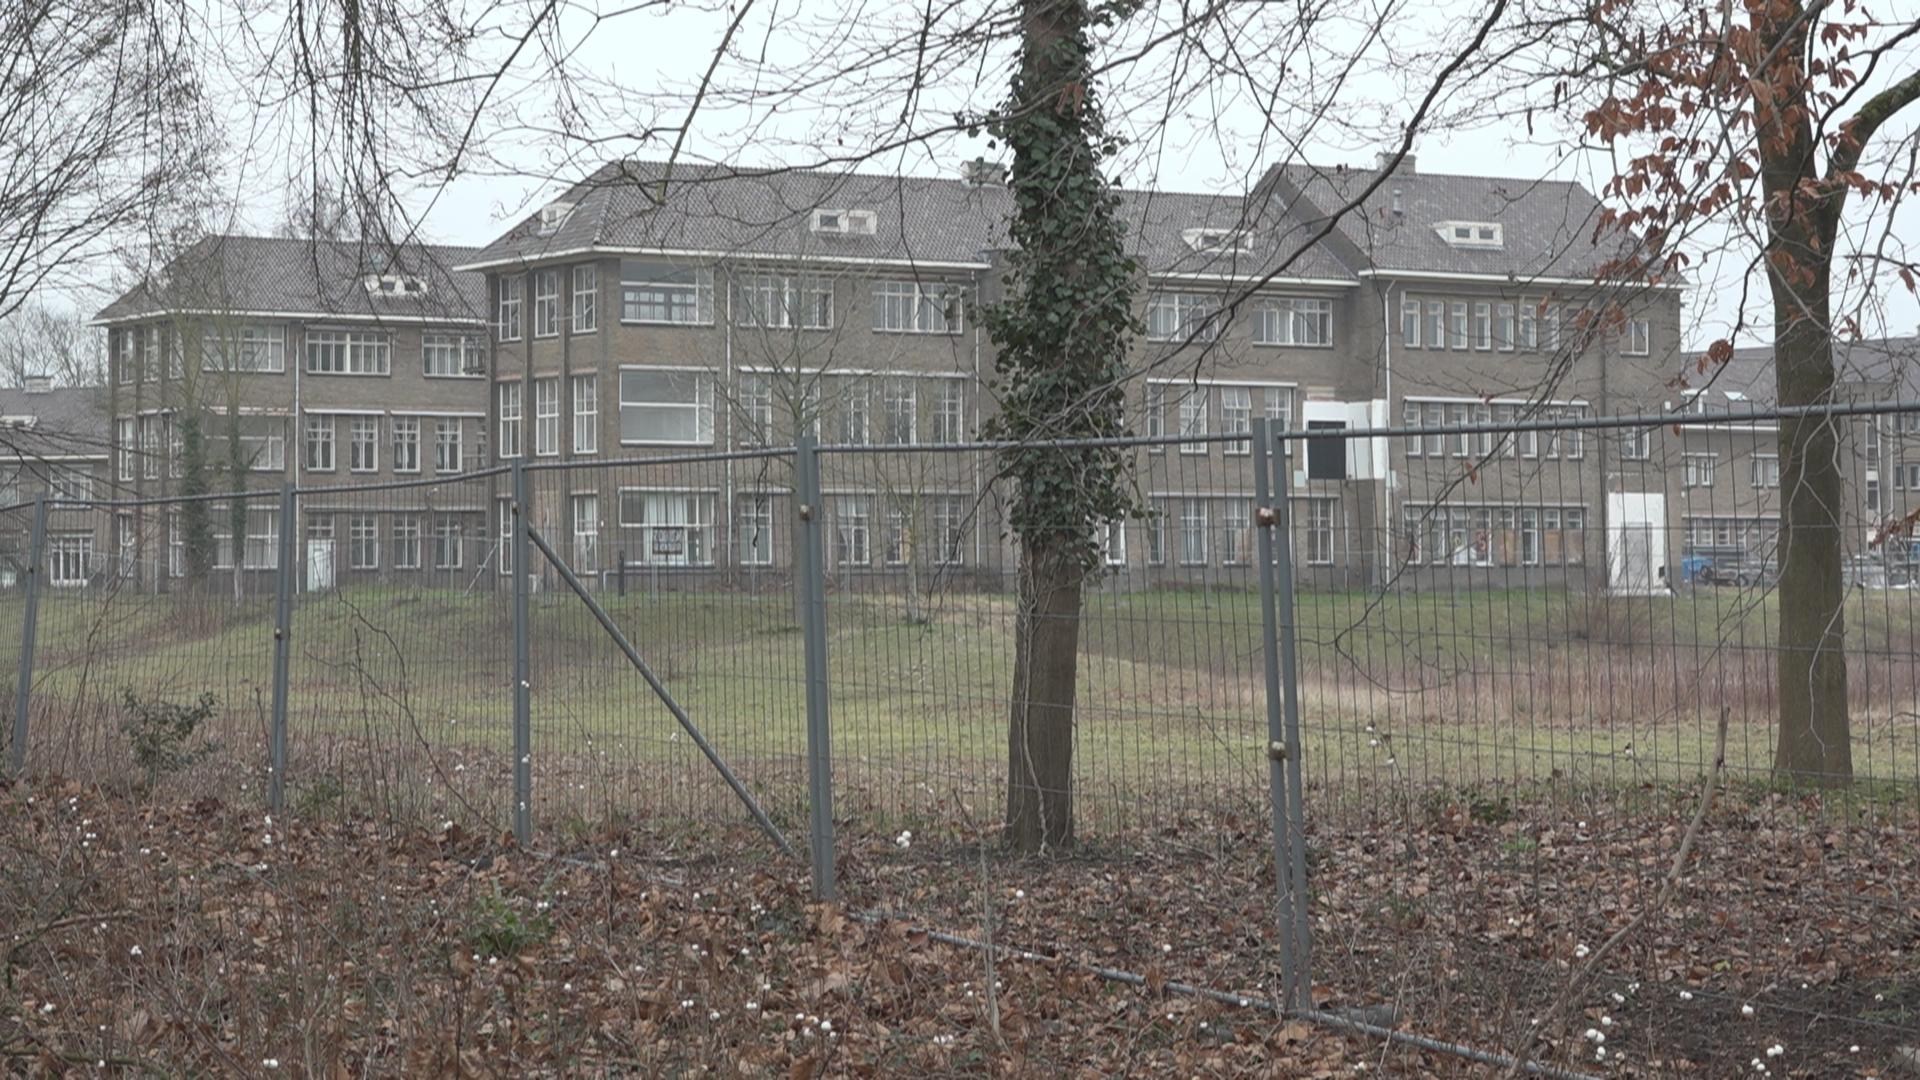 Deventer woningbouw flink op stoom; binnenkort woningen in Geertruidentuin en op Aupingterrein